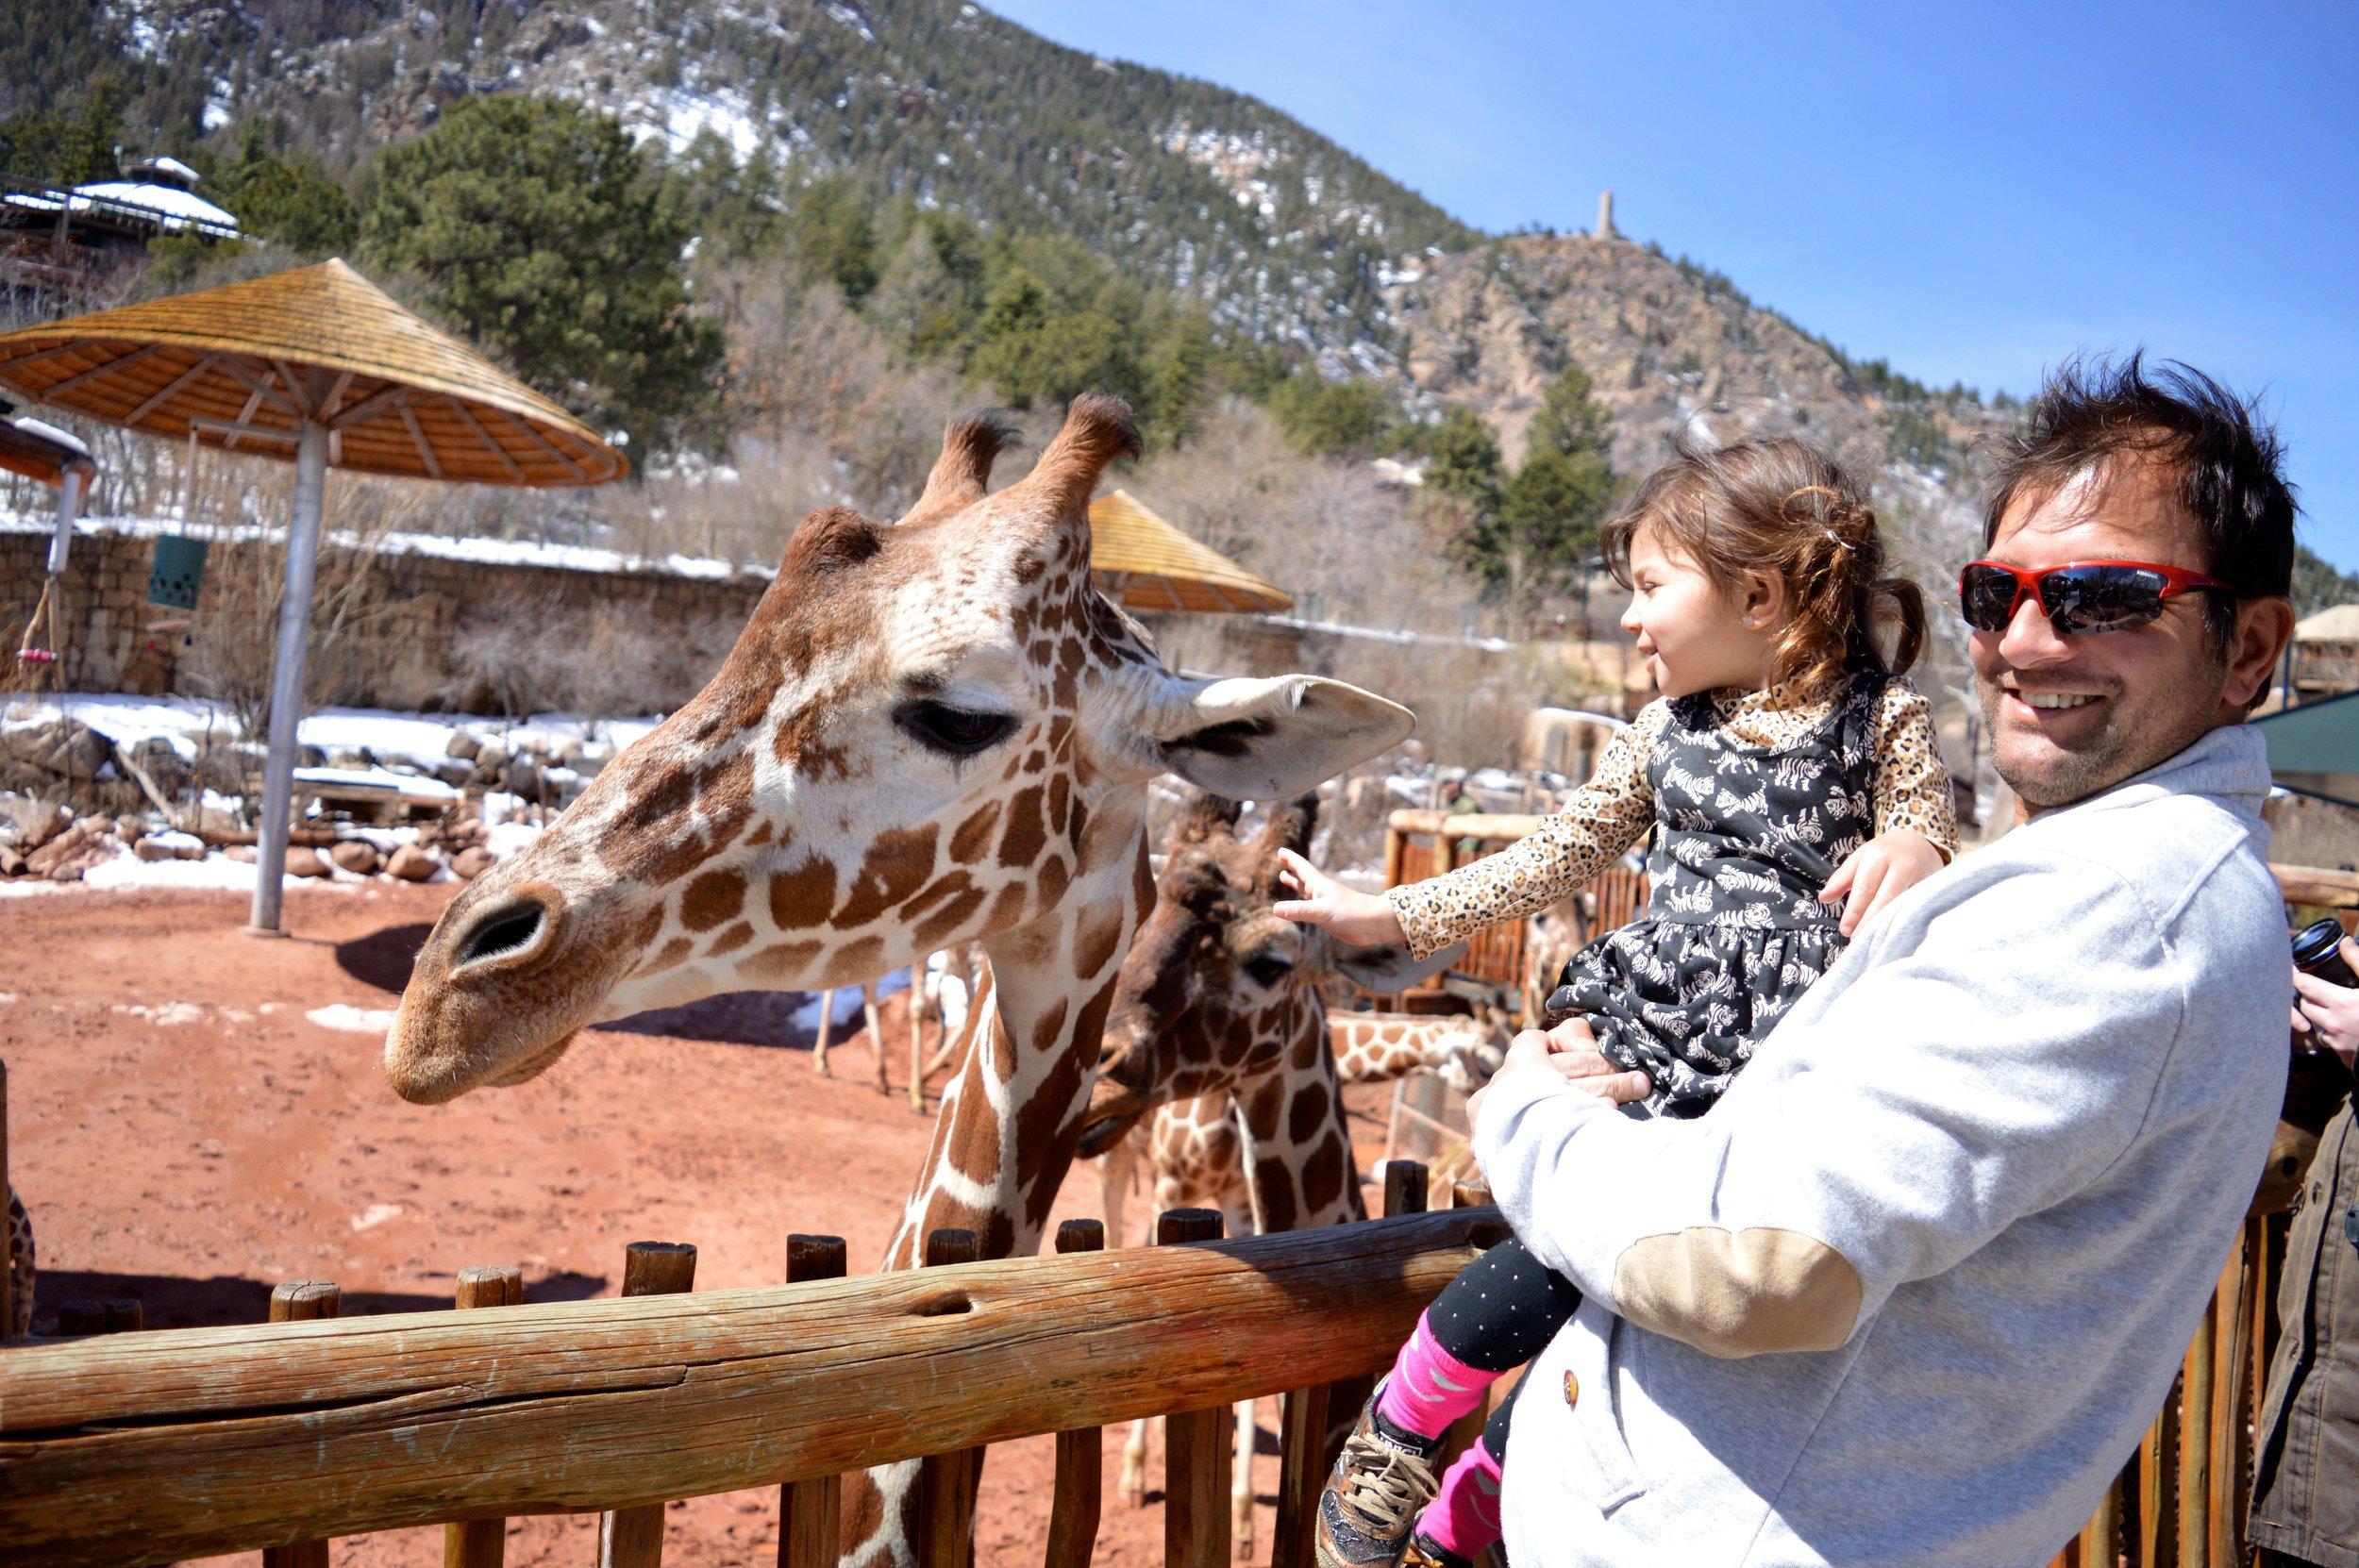 cheyenne-mountain-zoo-giraffe-3.jpg